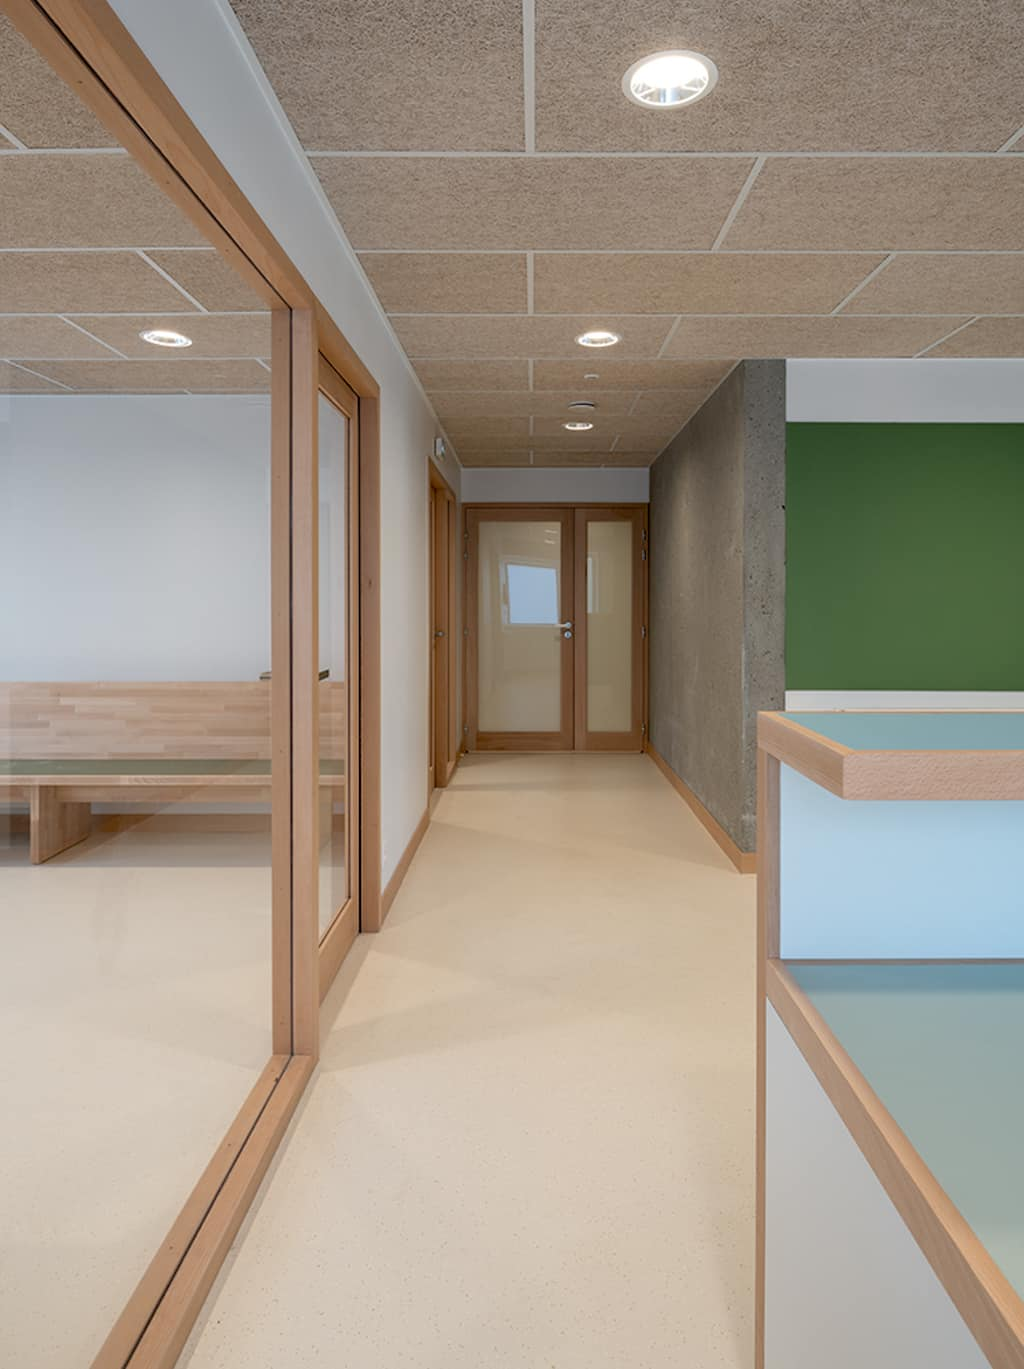 Saint Clair 05 - Maison pluridisciplinaire de santé – Saint-Clair-sur-l'Elle